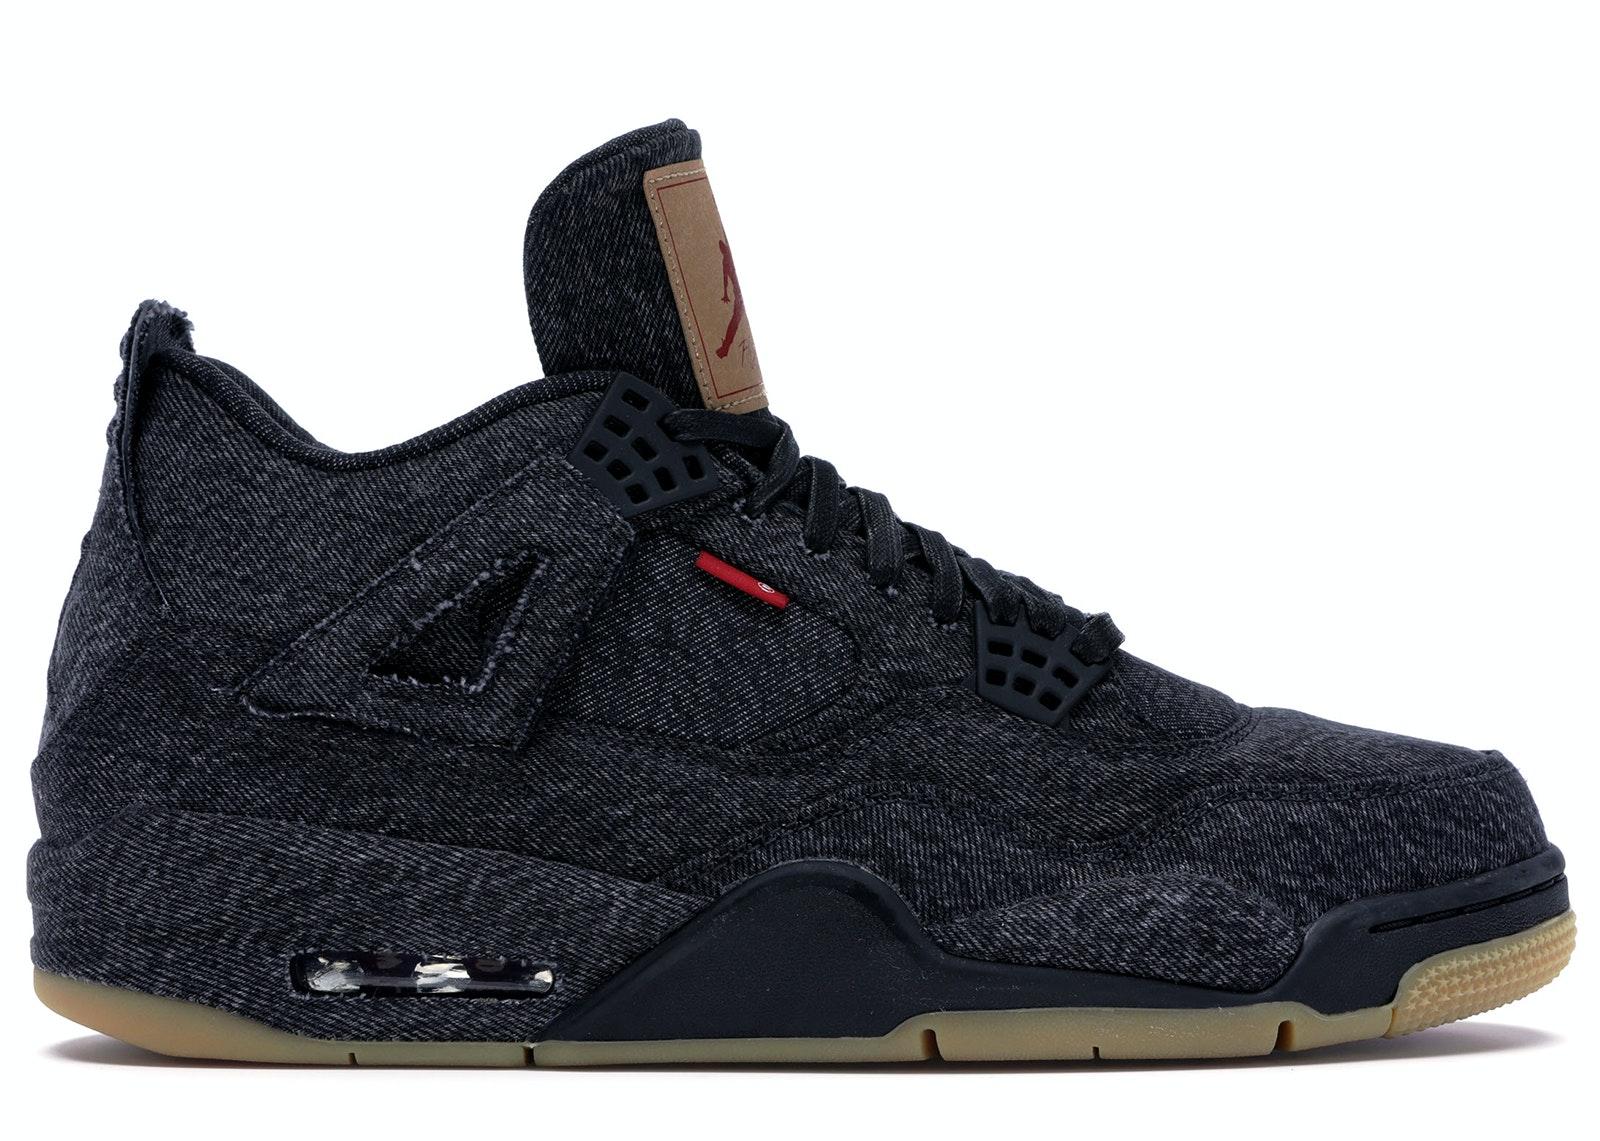 Jordan 4 Retro Levi's Black (Blank Tag)